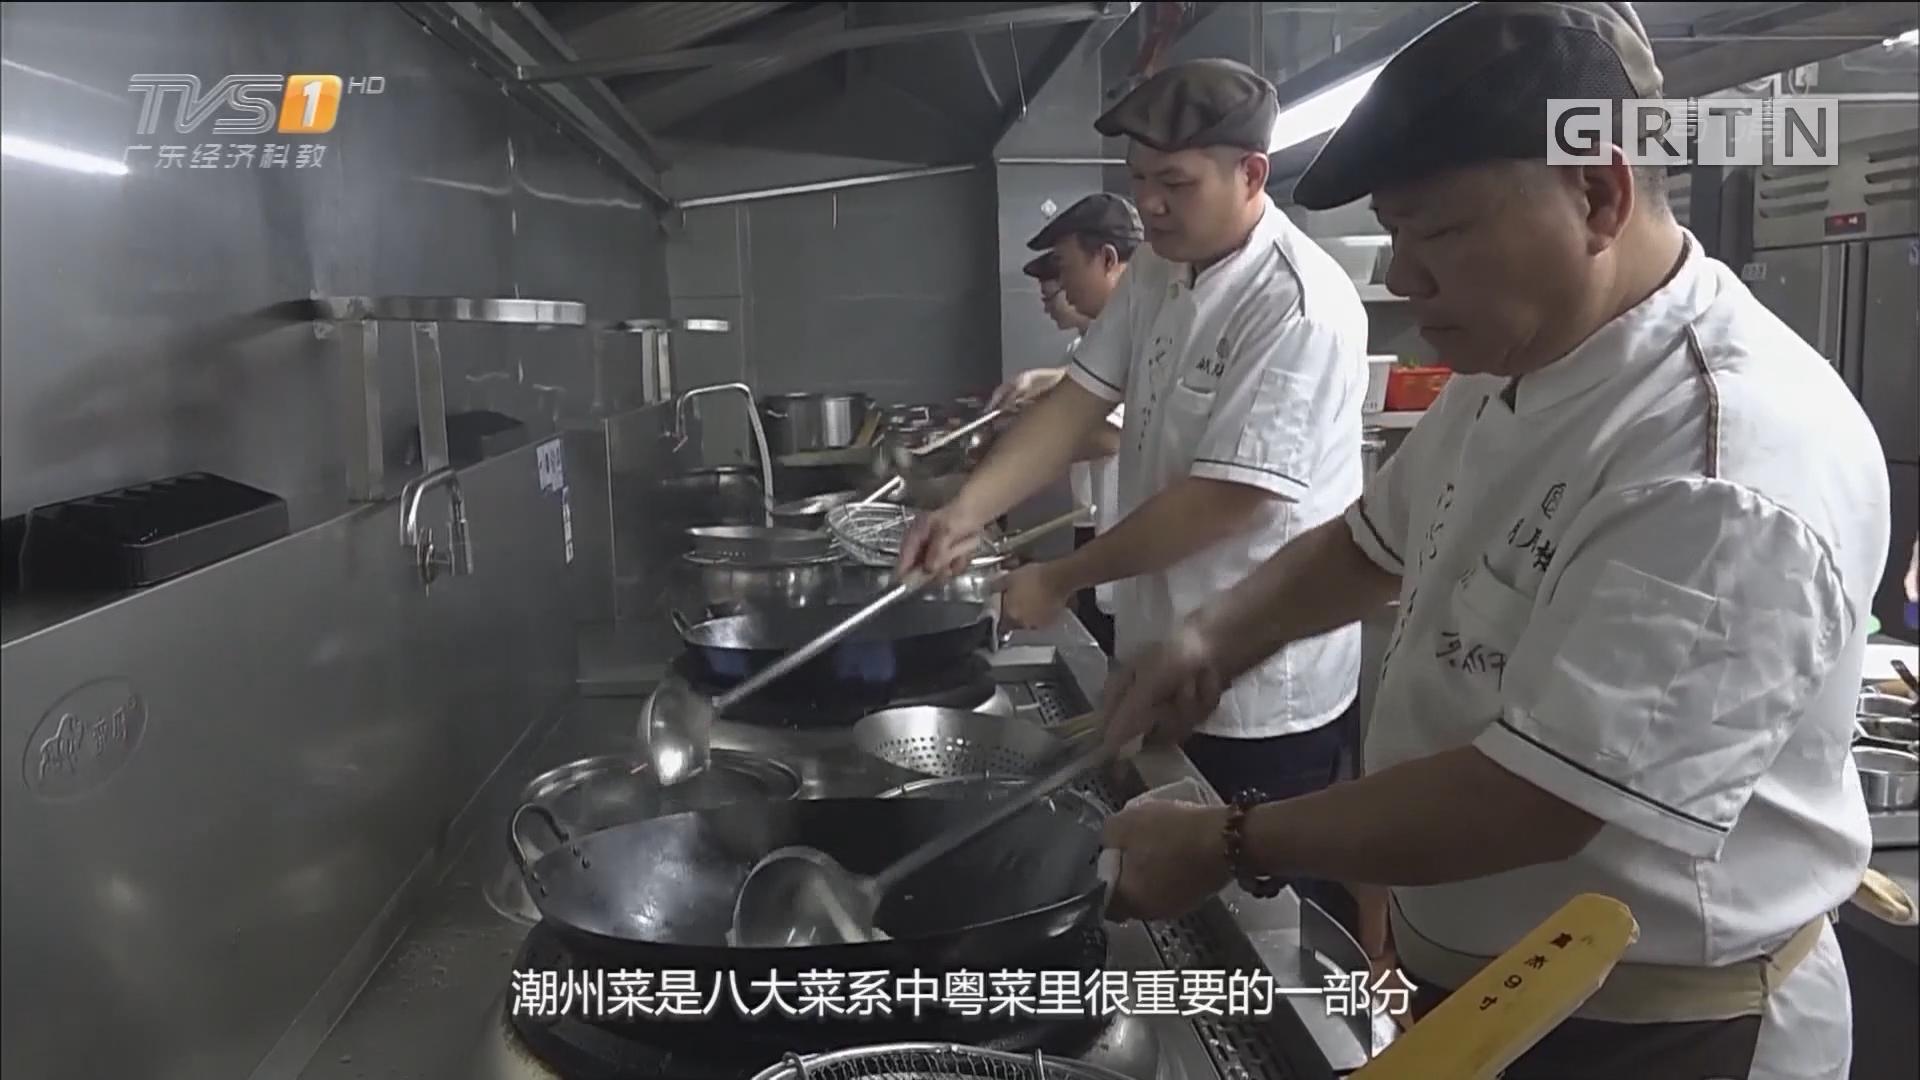 [HD][2018-12-08]广东新焦点:聚焦高交会 展商风采